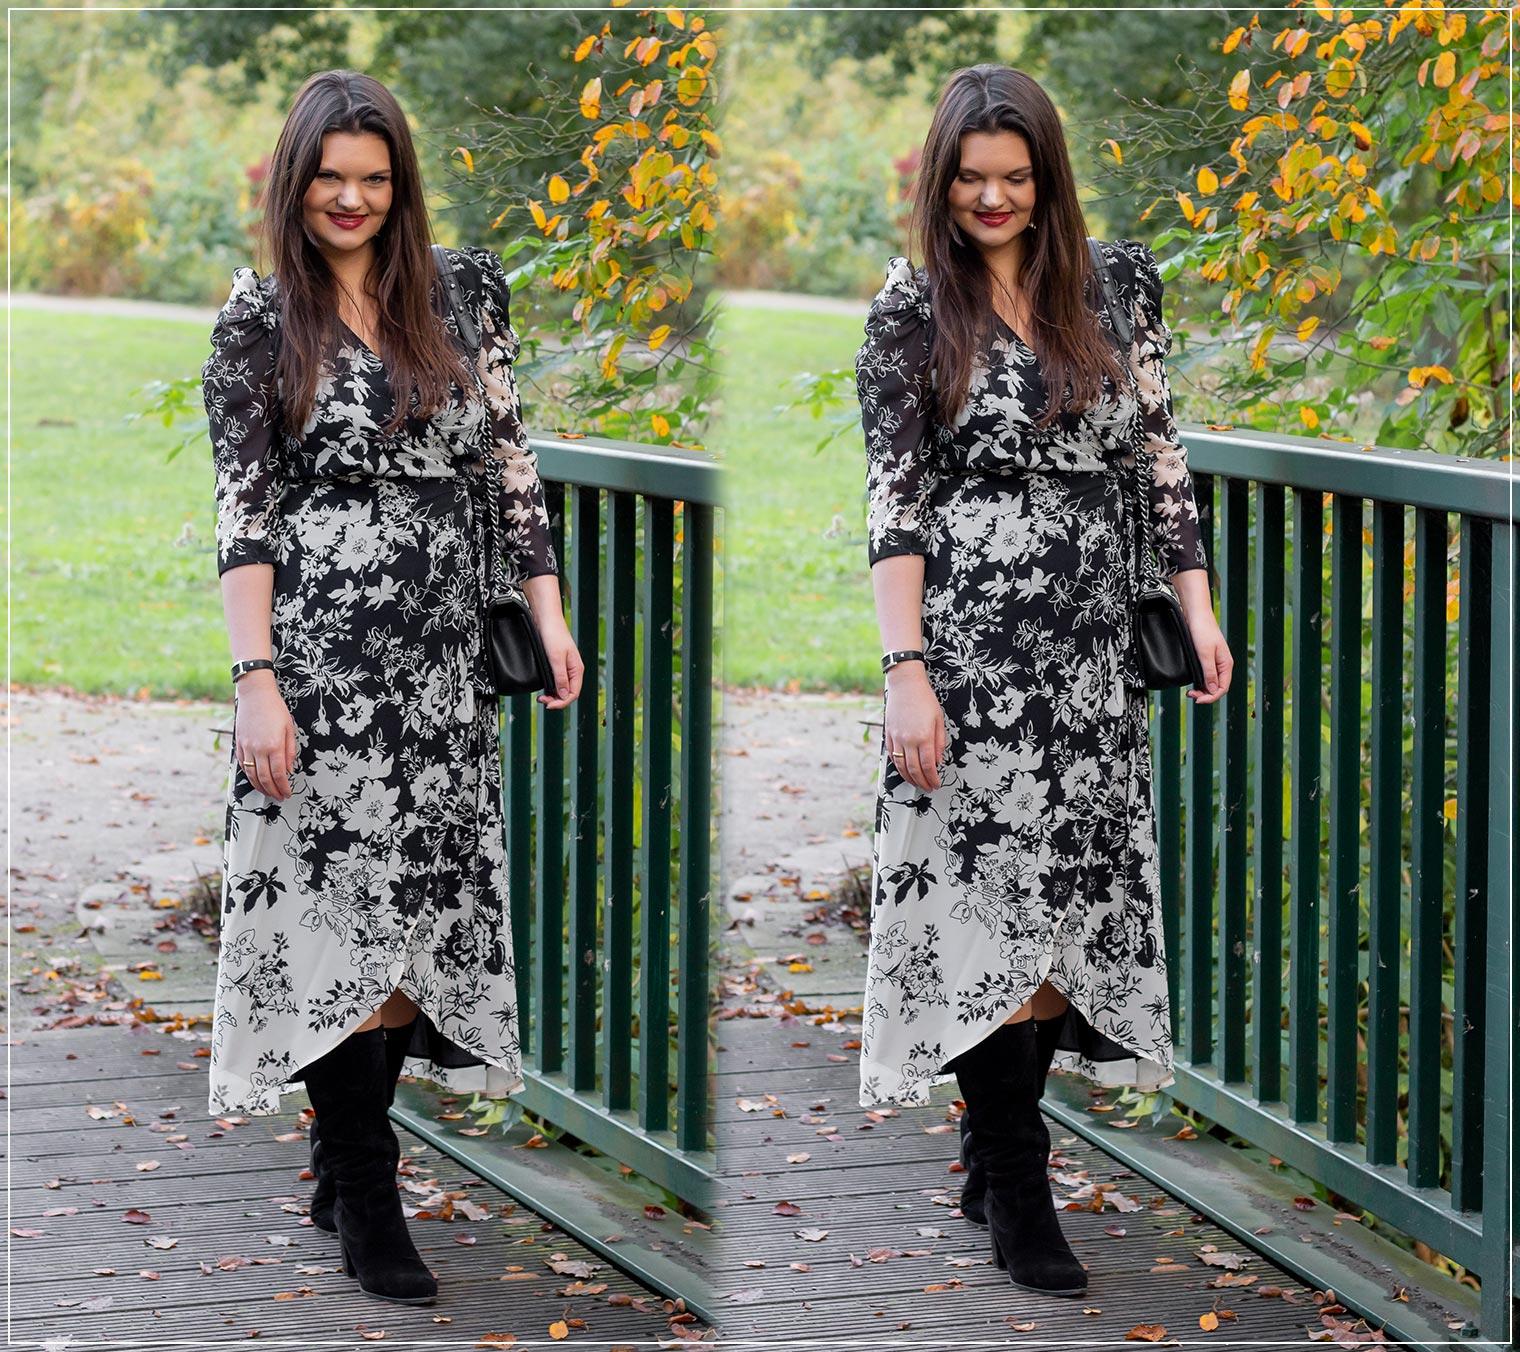 So stylst du Wickelkleider im Herbst